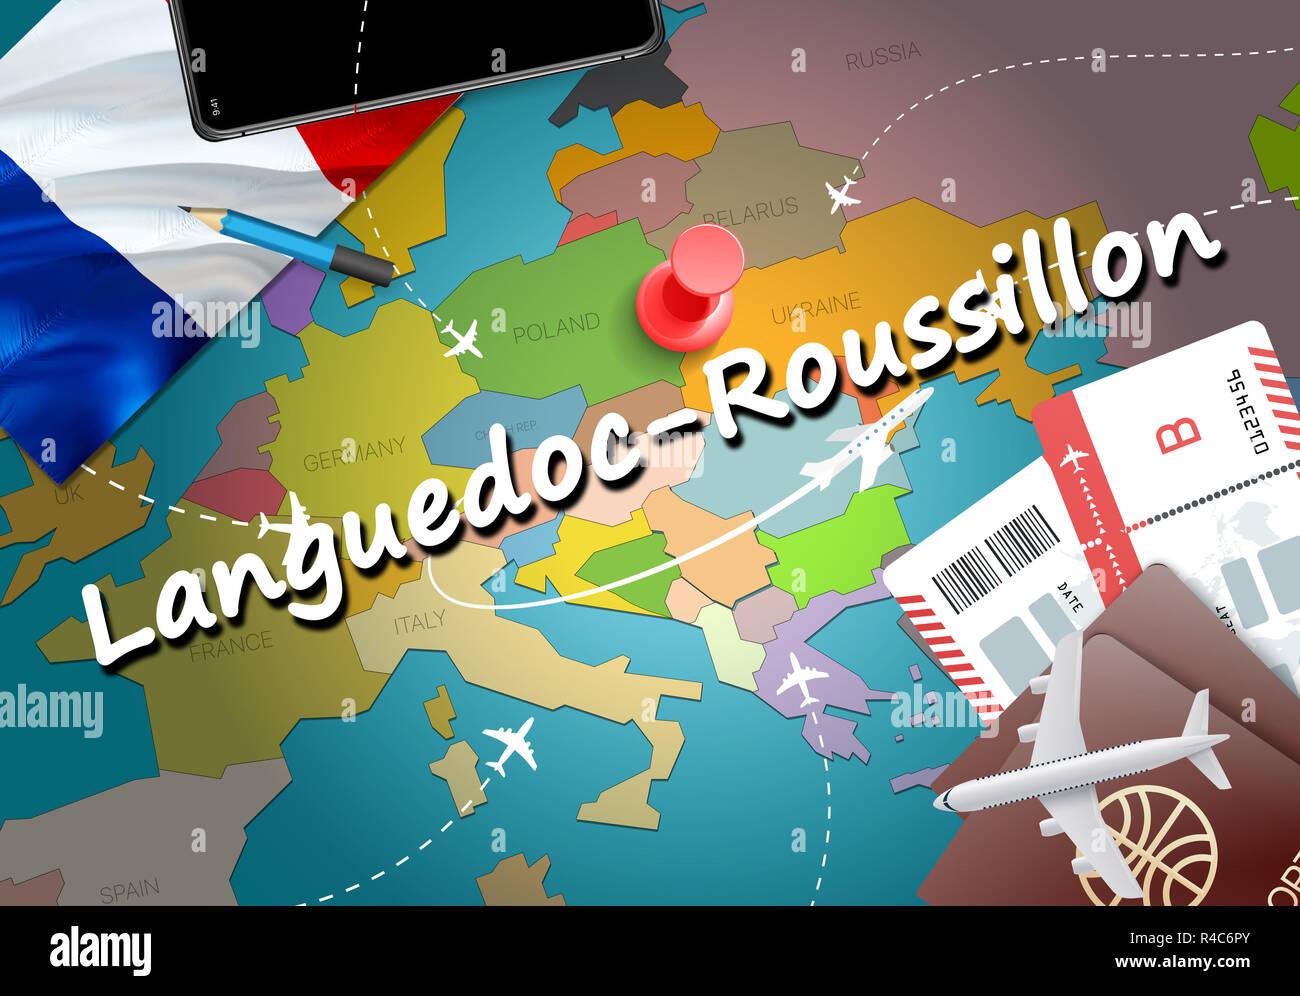 Languedoc-Roussillon city travel and tourism destination concept ...